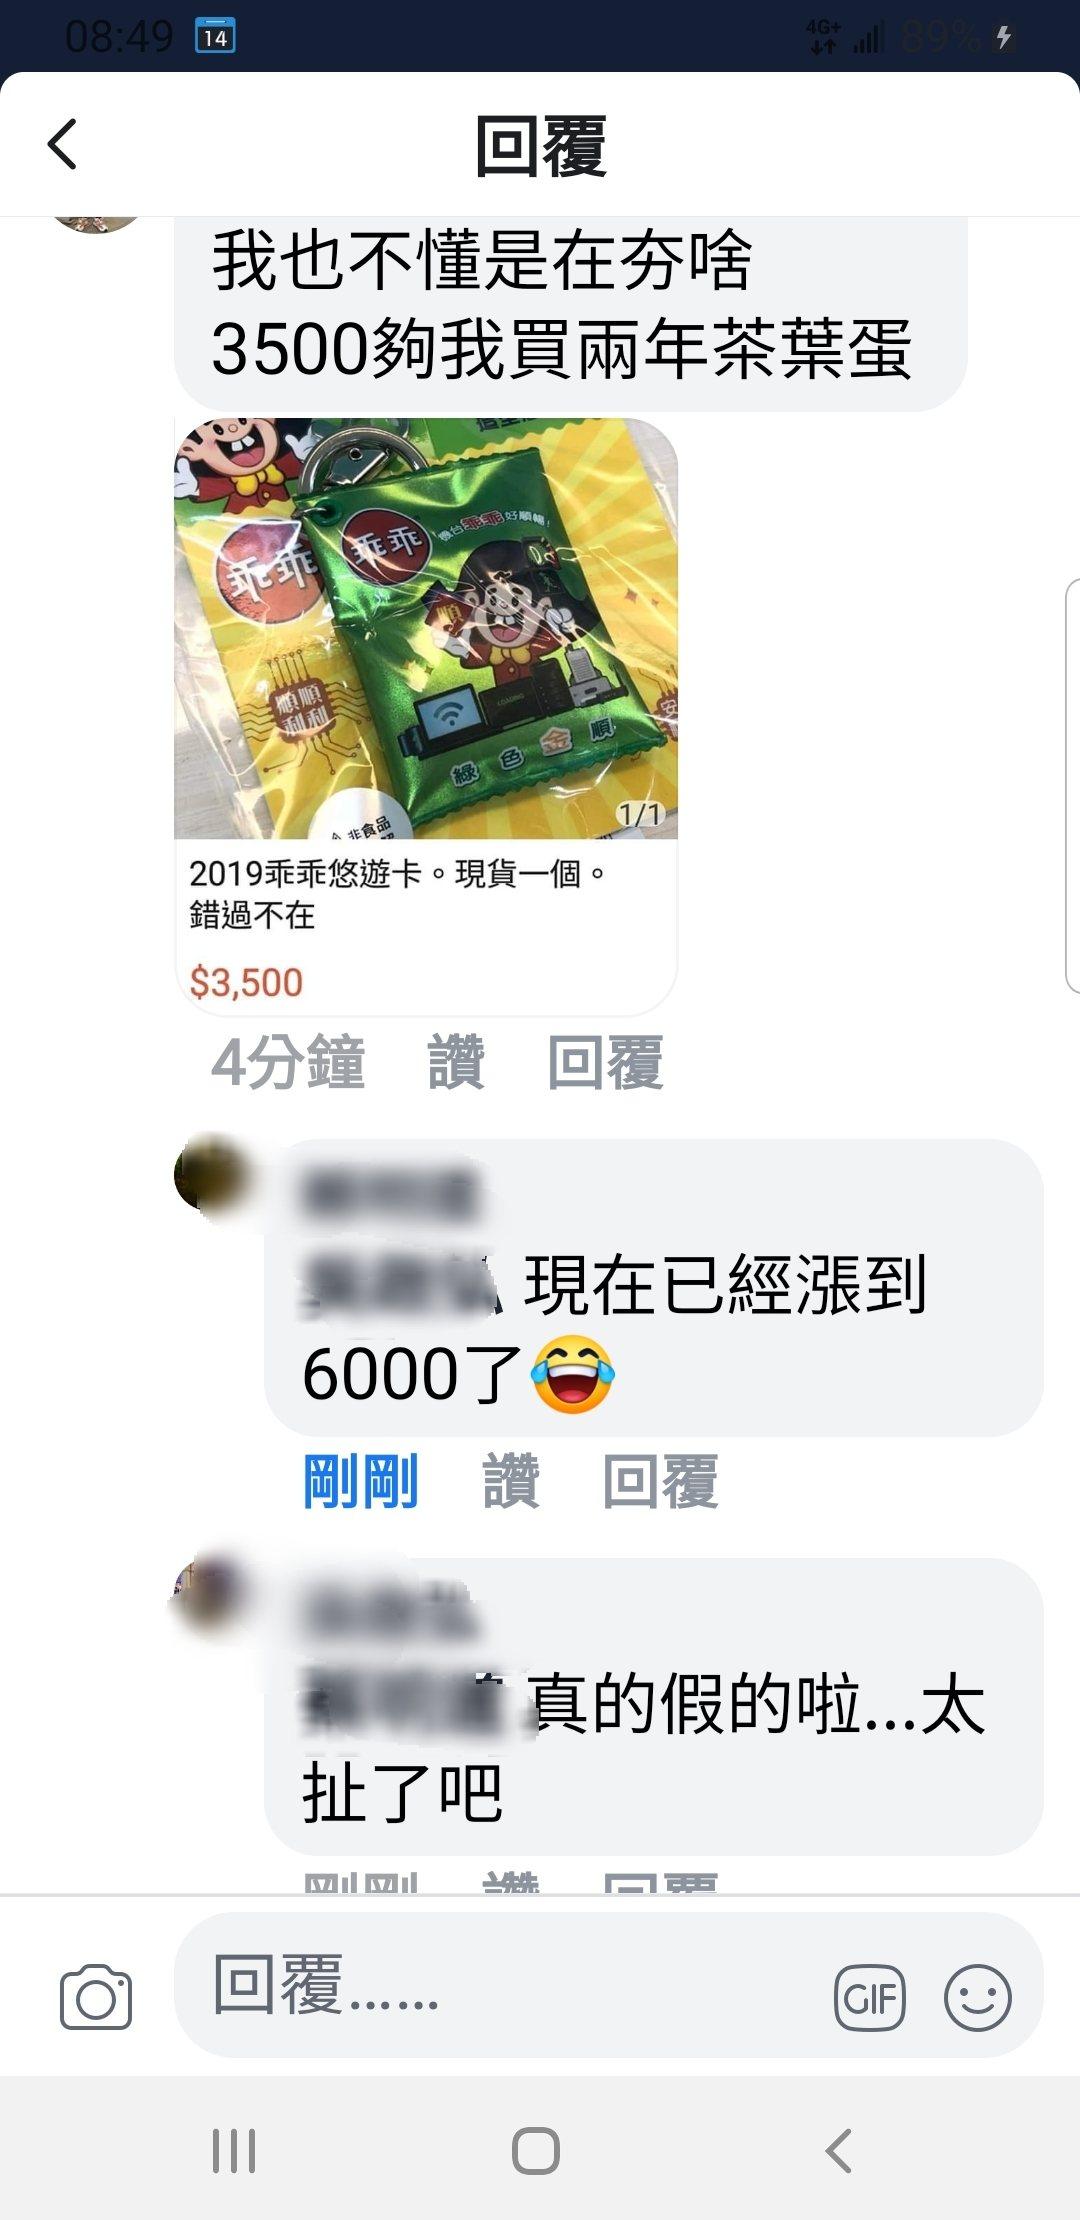 乖乖悠遊卡目前很夯,網友說自己也可以自製保險套悠遊卡。圖/取自臉書爆怨公社